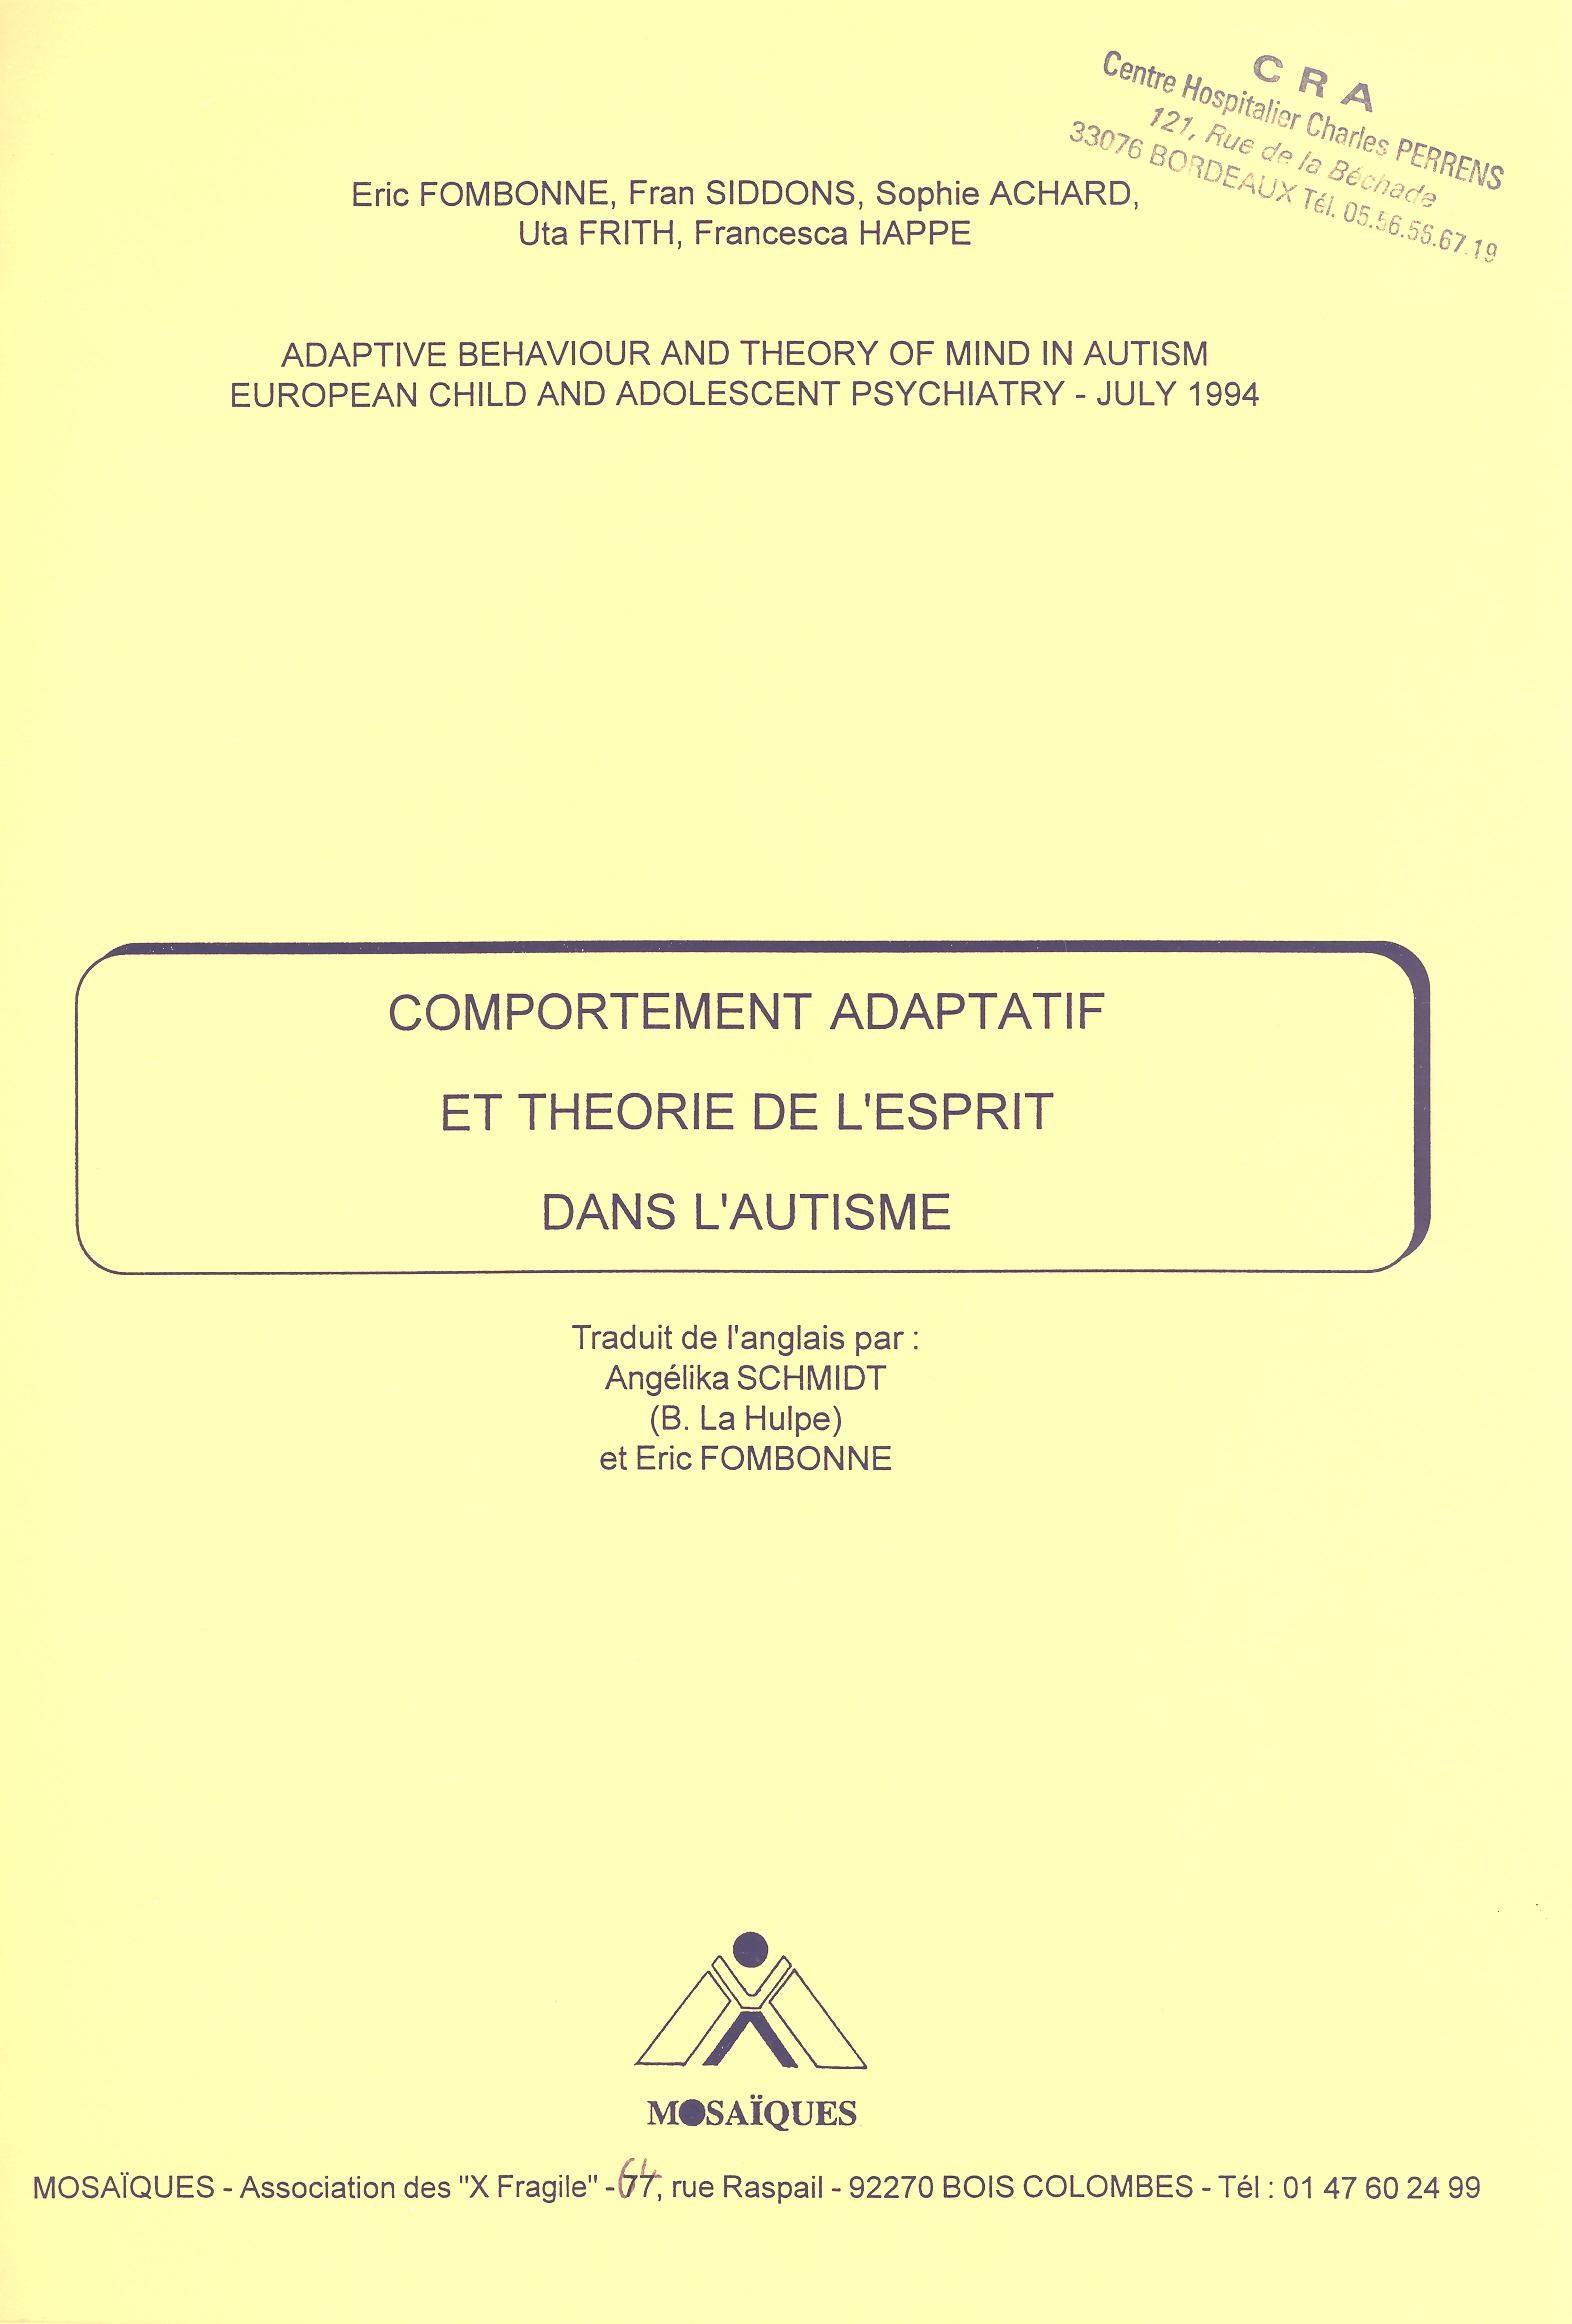 Comportement adaptatif et théorie de l'esprit dans l'autisme